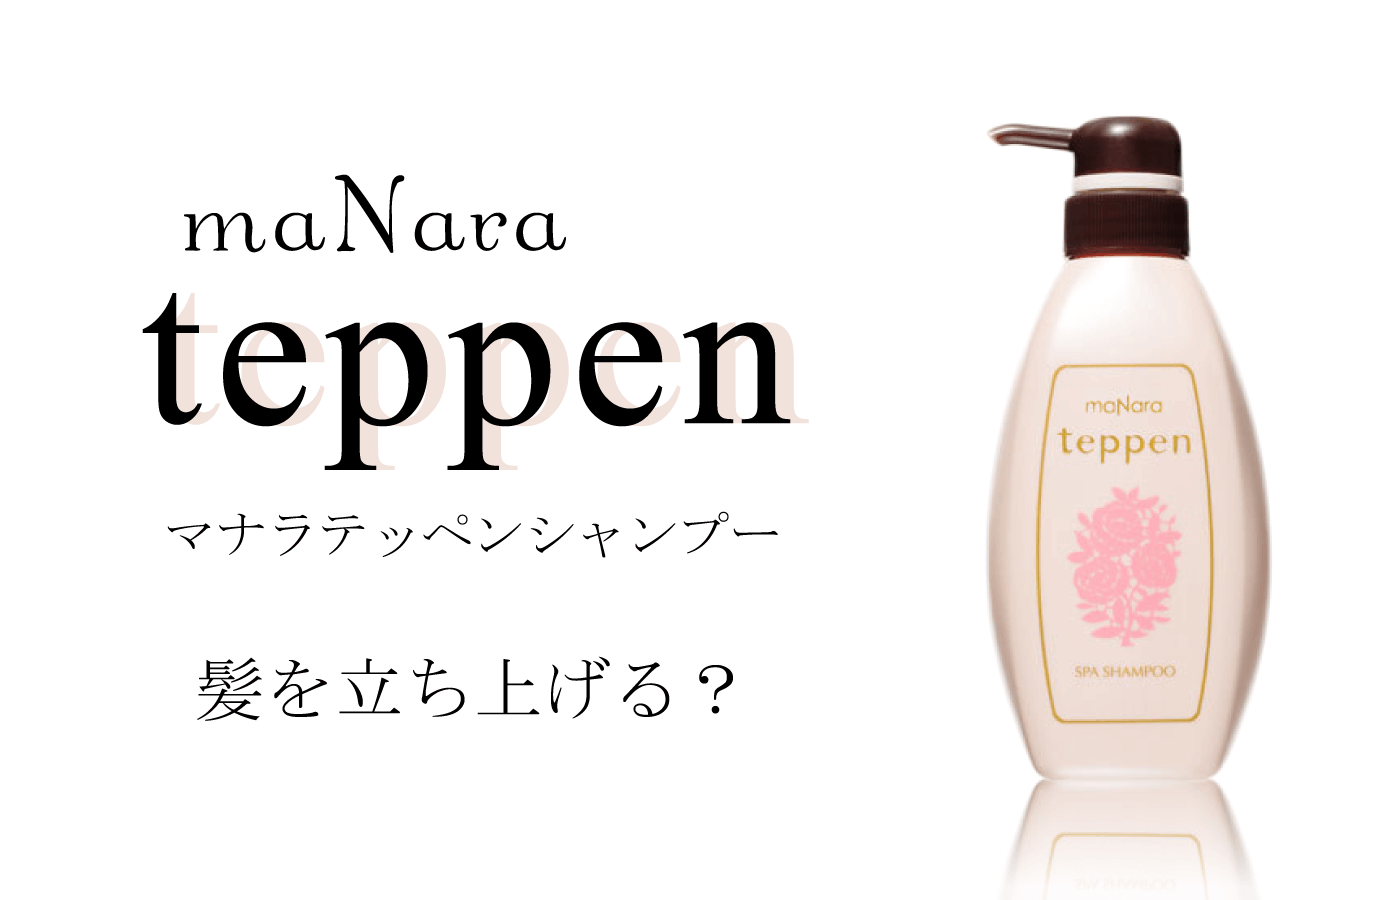 マナラ テッペン スパ シャンプー の成分解析